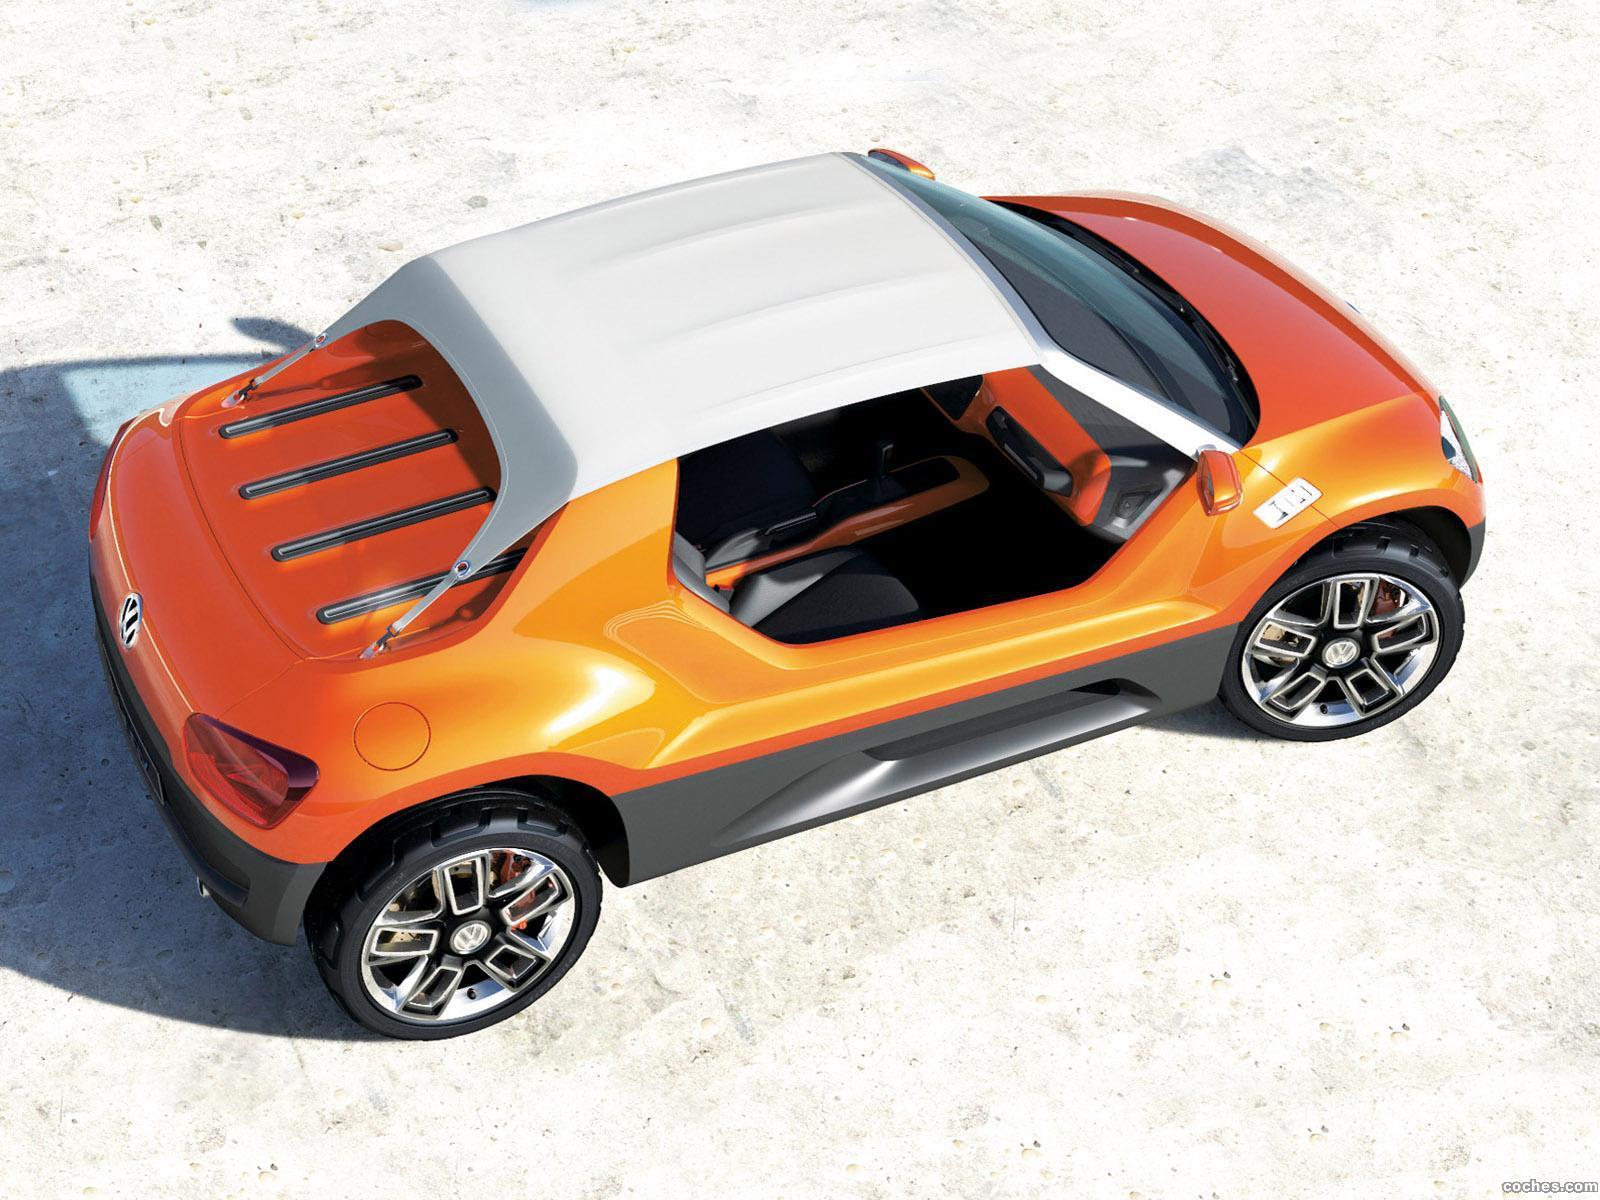 Foto 1 de Volkswagen Buggy UP! Concept 2011